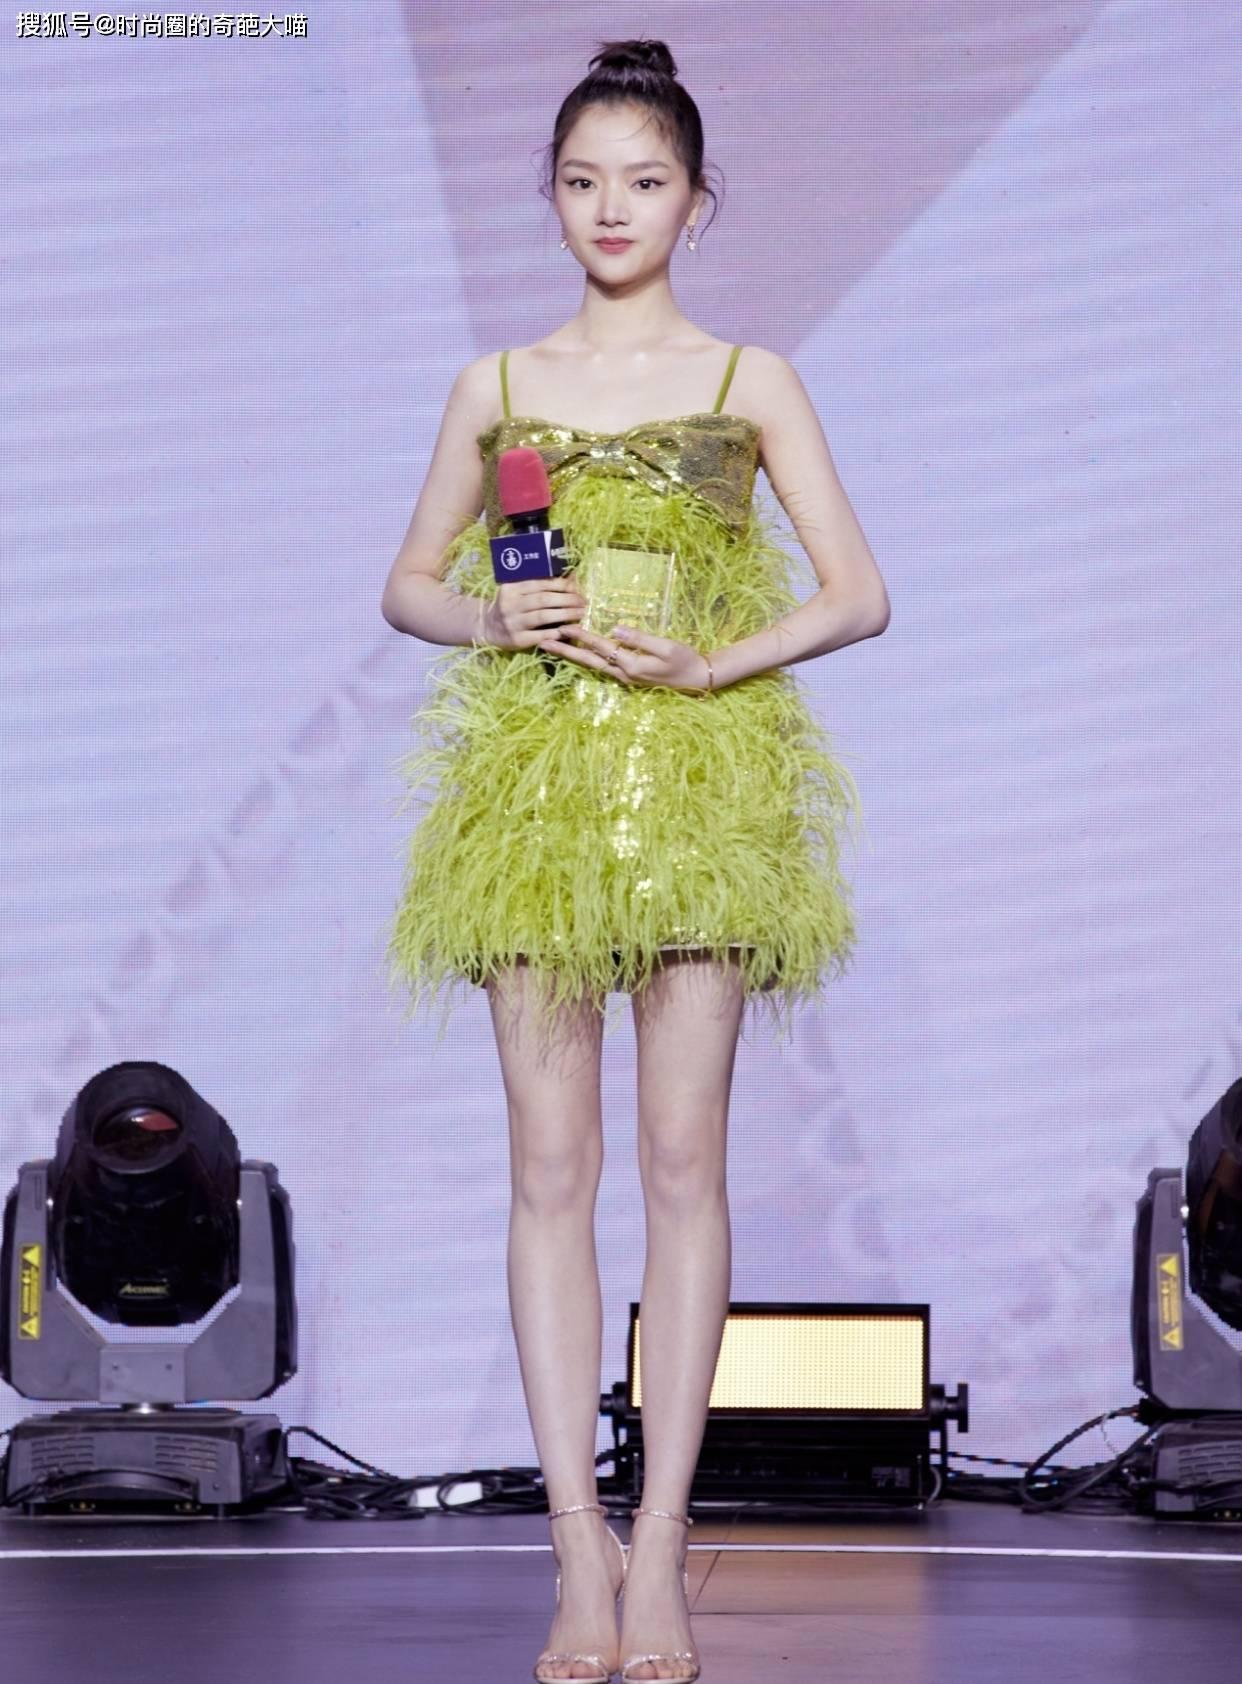 原创             杨幂骨子里散发美艳感,一个眼神就撩人,李沁墨绿长裙美出新高度